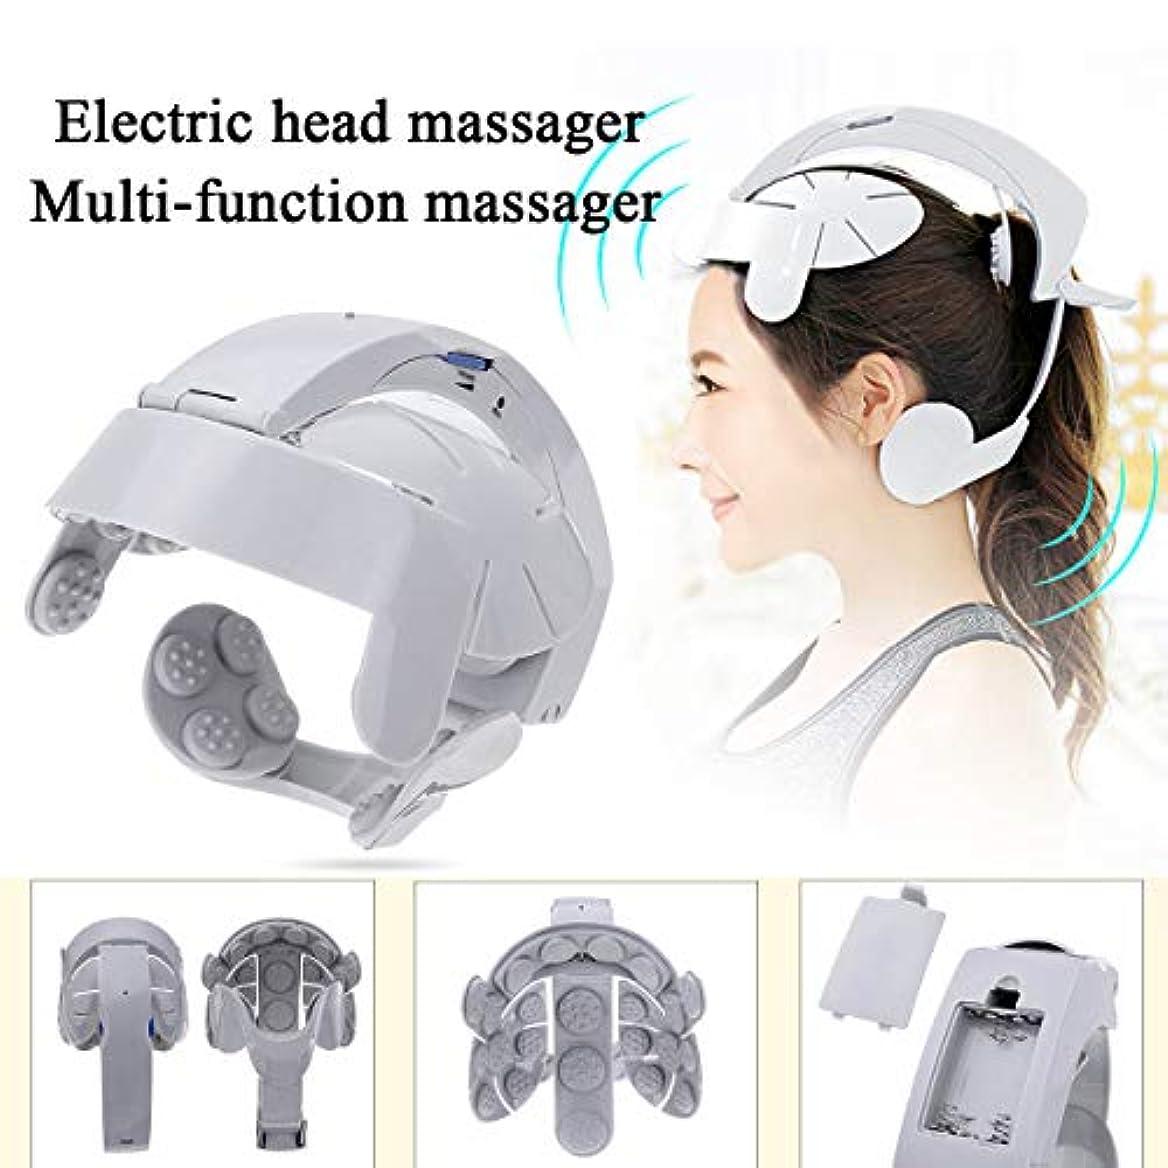 ちらつき意味するボンド電気ヘッドマッサージの振動マッサージ簡単な脳マッサージ器ストレスリリーフとより良い睡眠経穴ストレス解放機